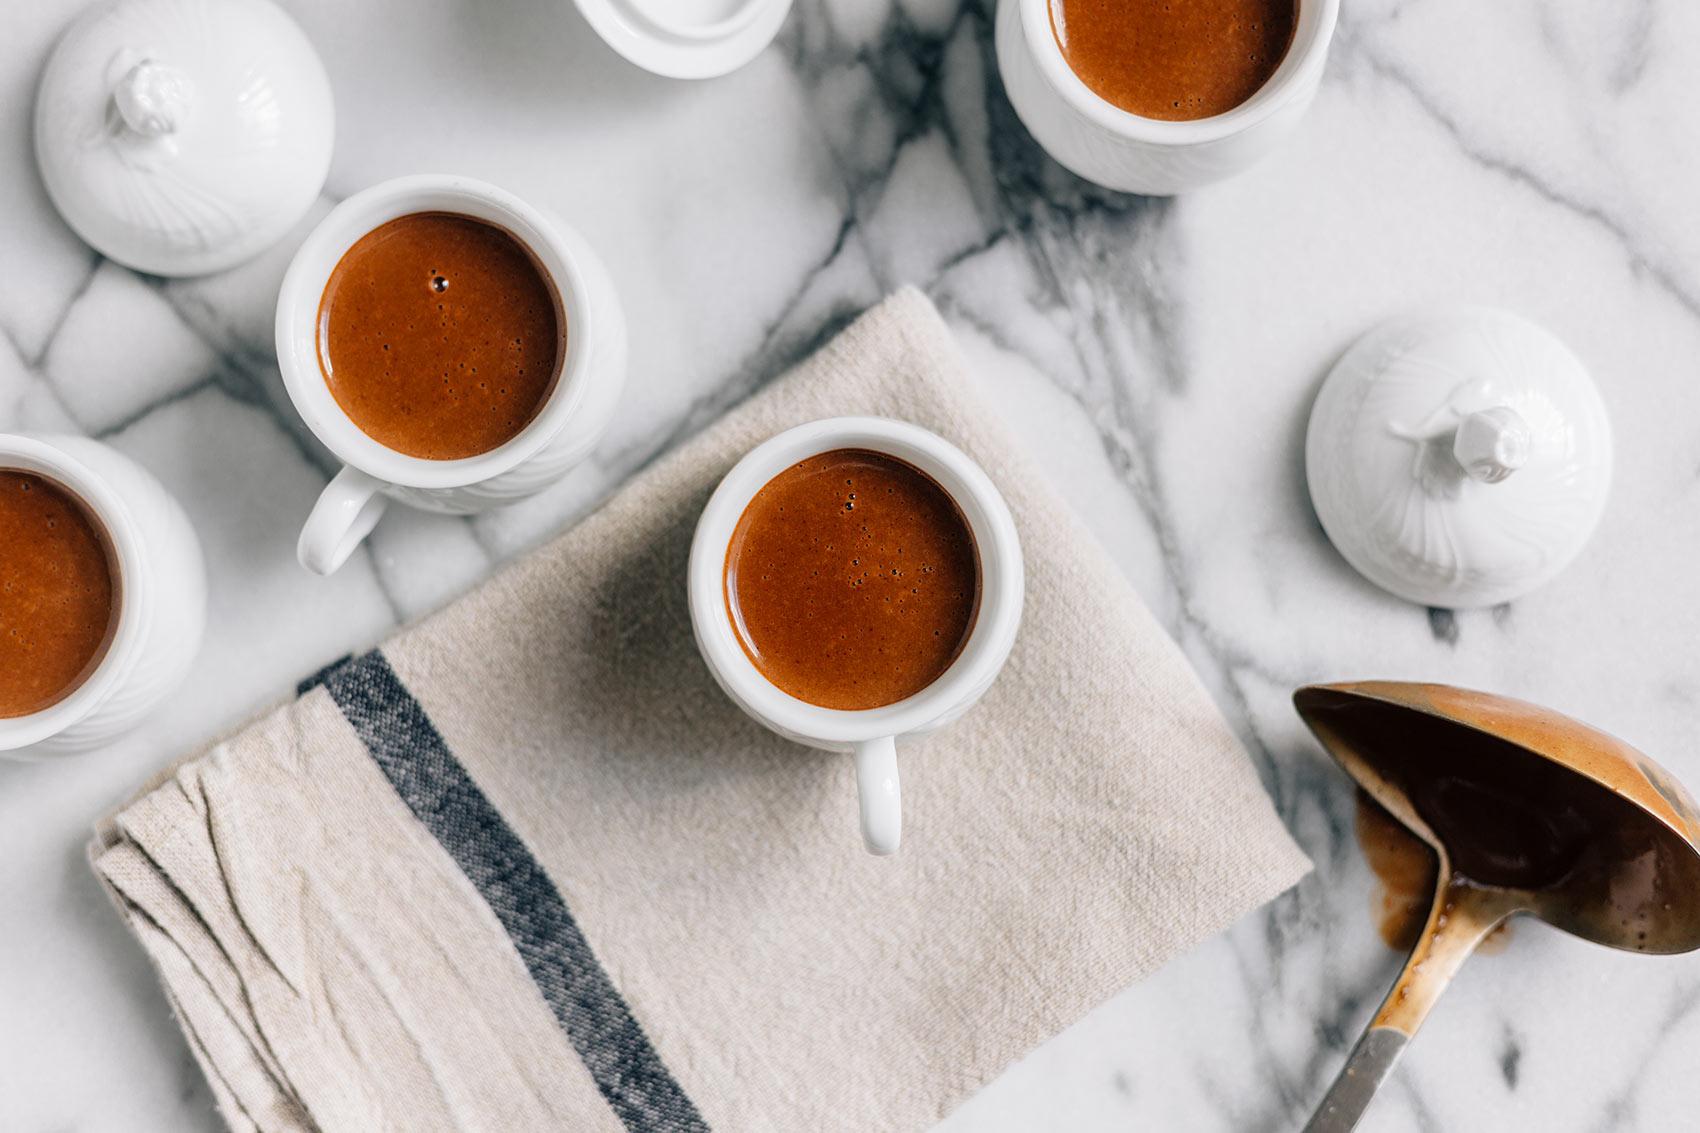 Wie Kocht Kaffee kaffee rituale cafcaf kaffee